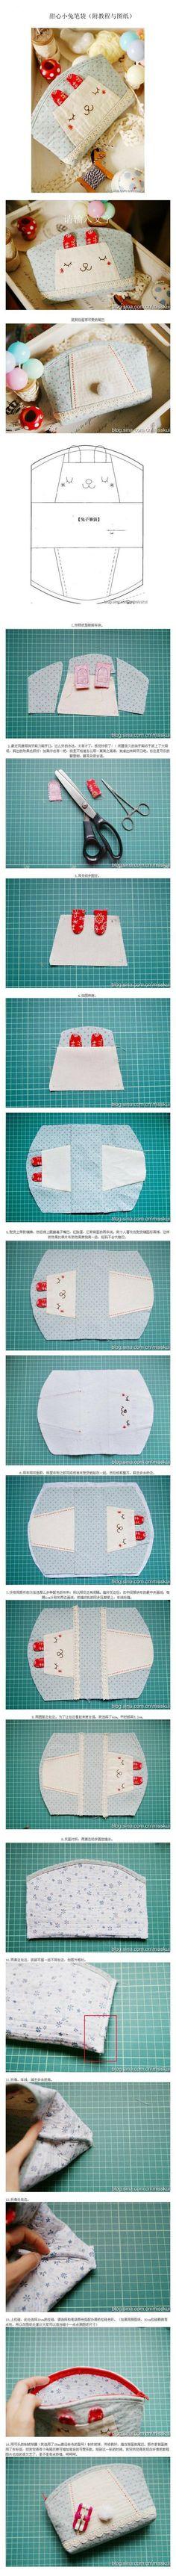 甜心小兔笔袋(附教程与图纸)